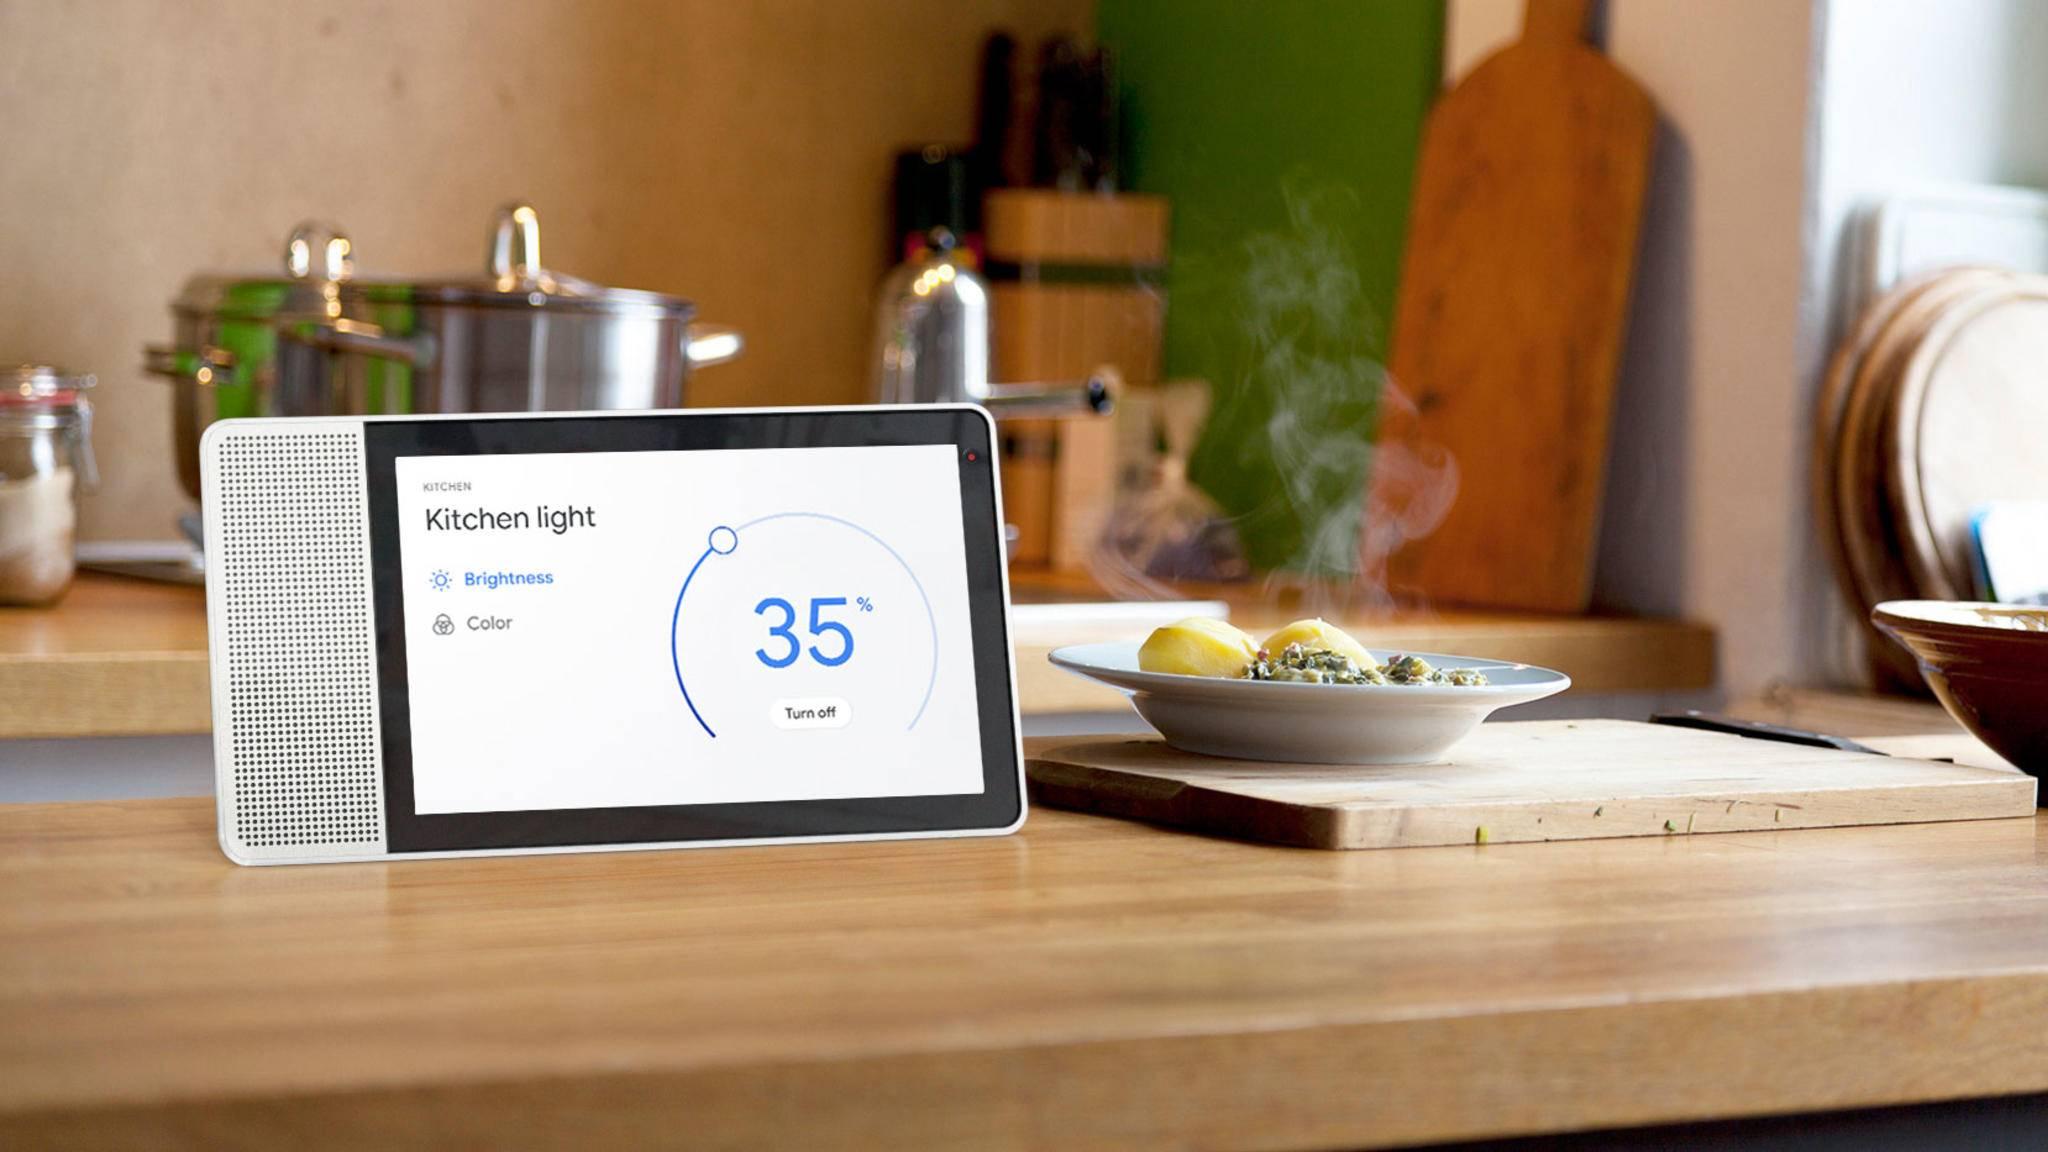 Ein Smart Display versorgt Dich mit hilfreichen Infos und dient auch zur Steuerung von Smart-Home-Geräten.